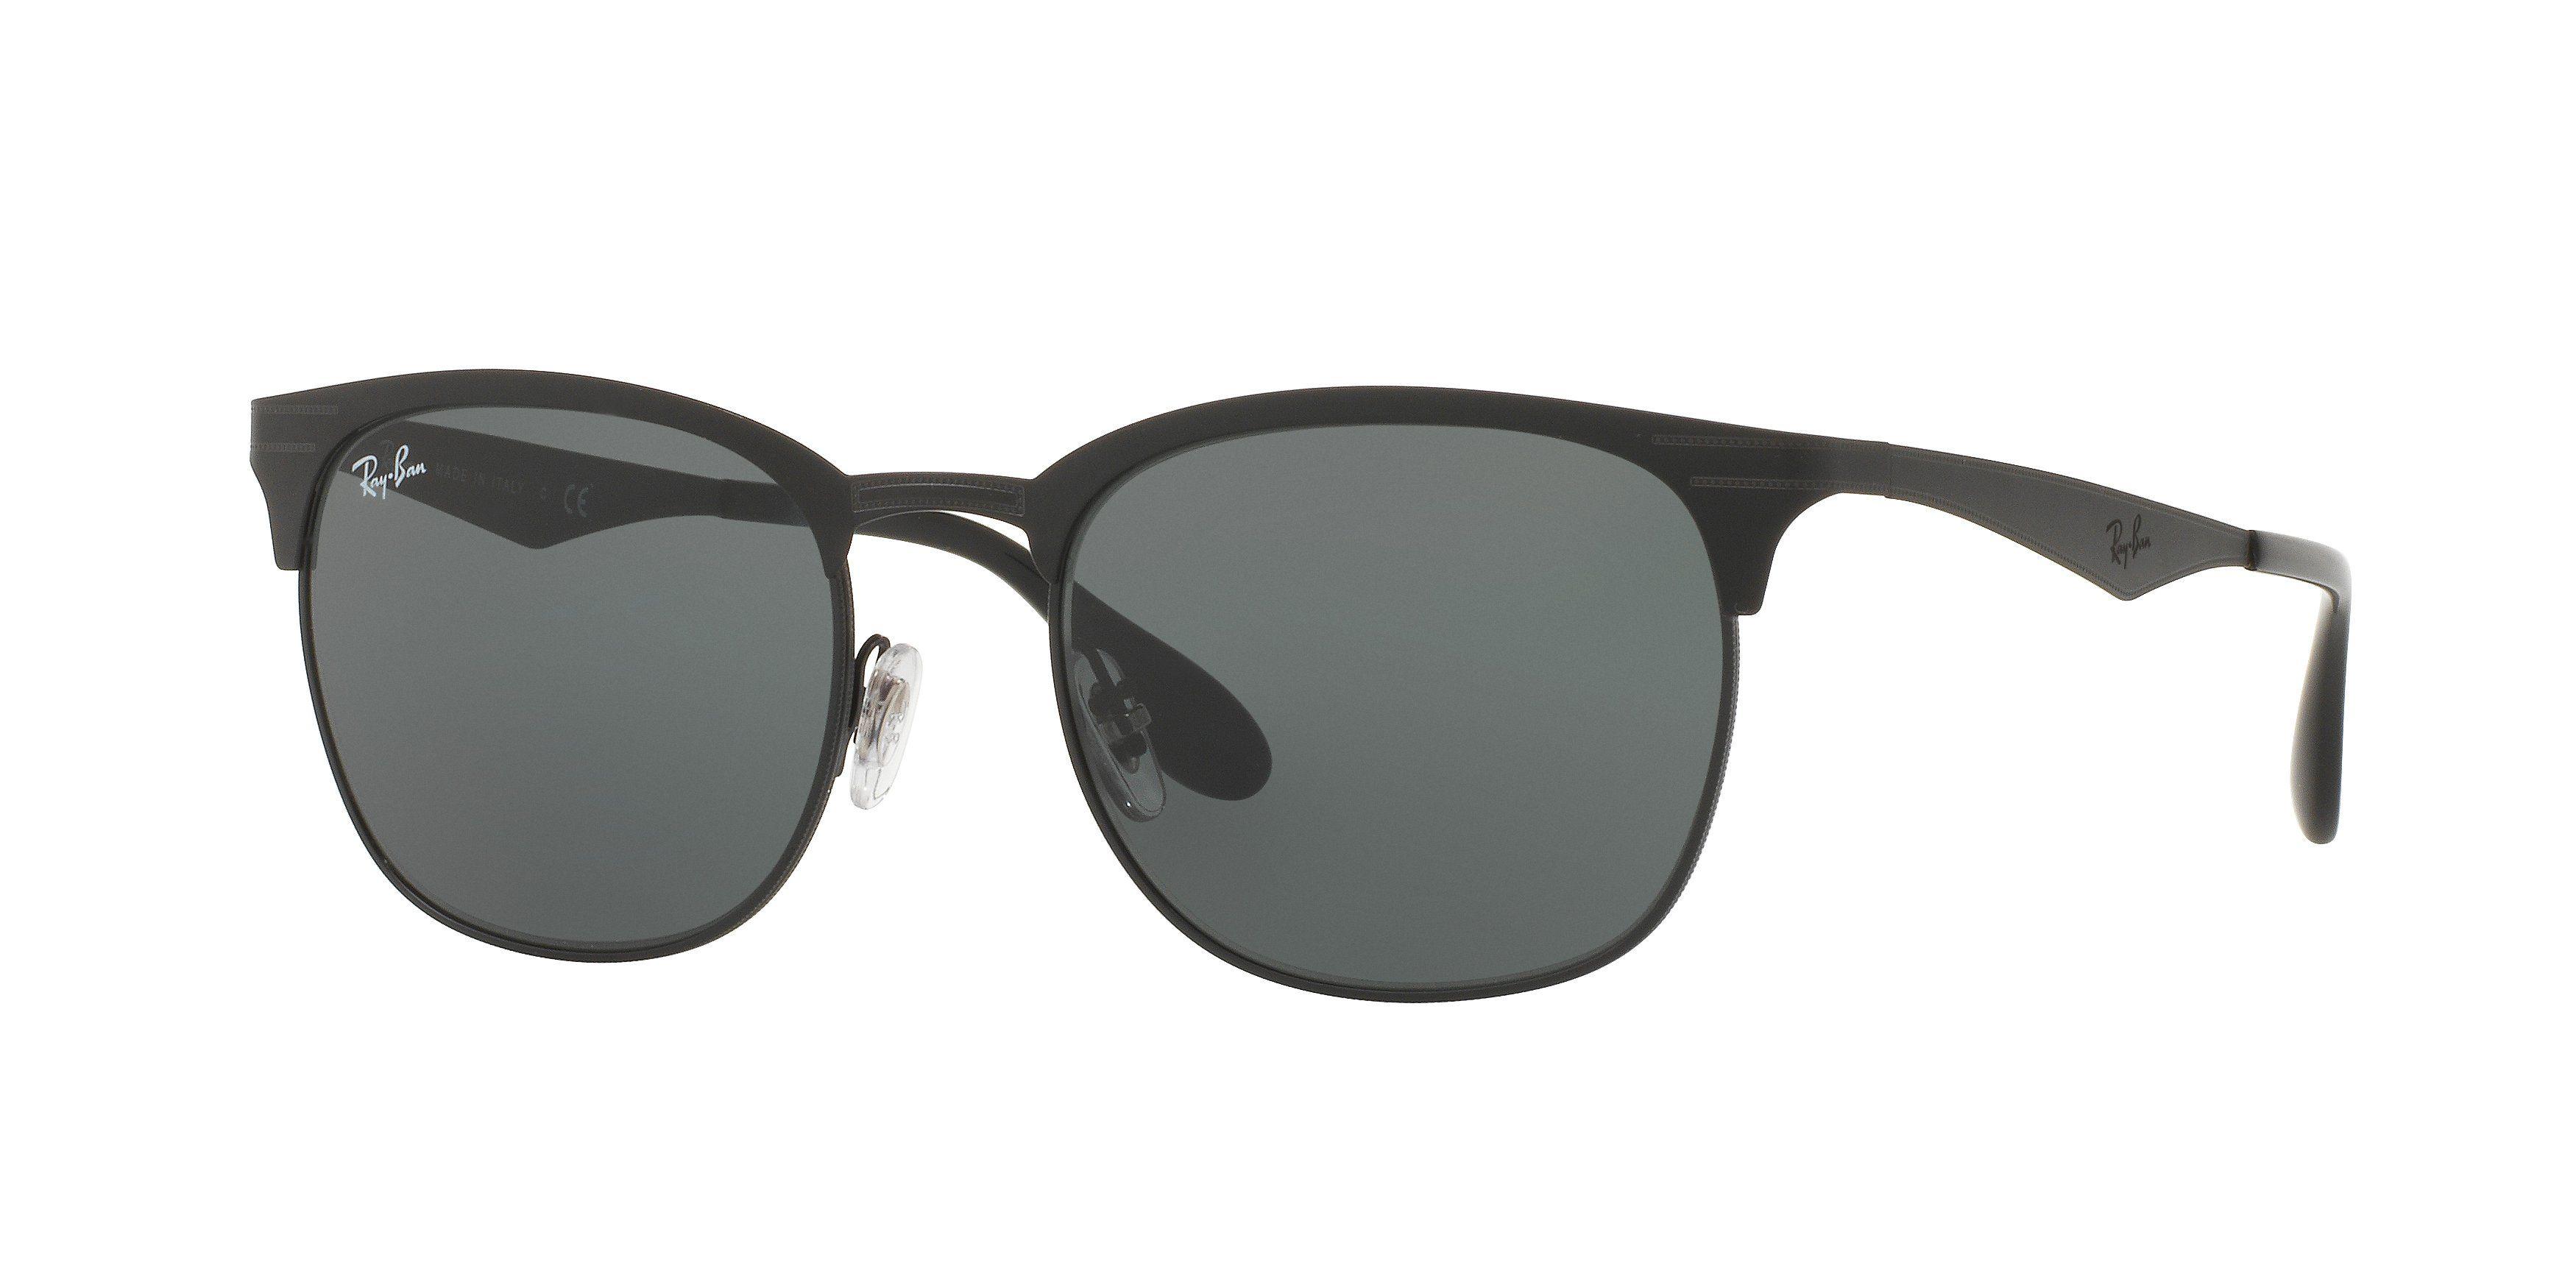 5335fba9754 Ray-Ban RB3538 Sunglasses